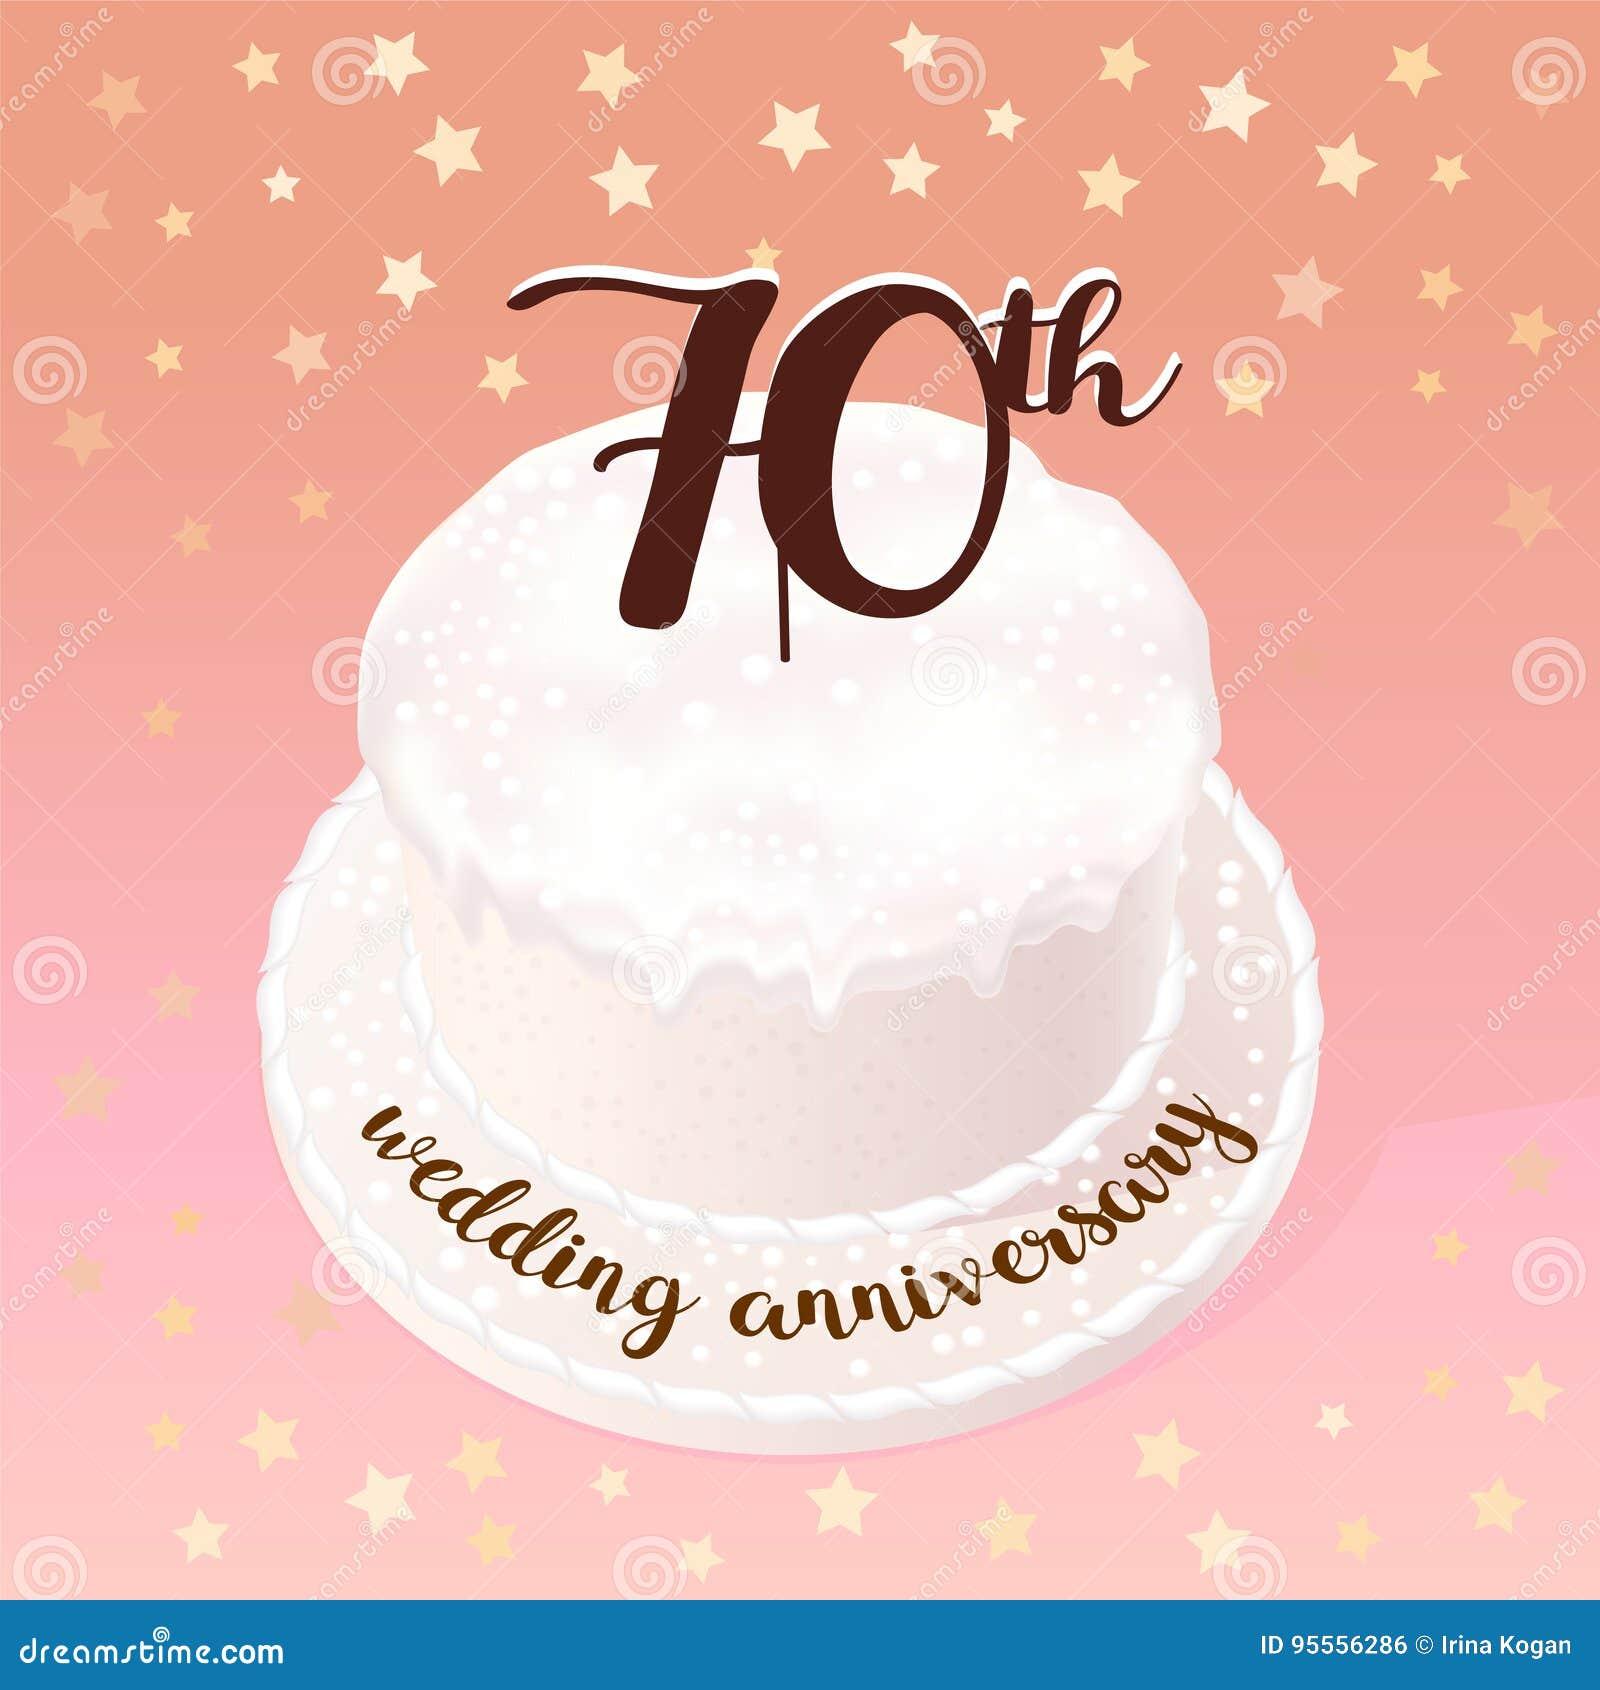 70 Anniversario Di Matrimonio.70 Anni Di Icona Di Vettore Di Matrimonio O Di Nozze